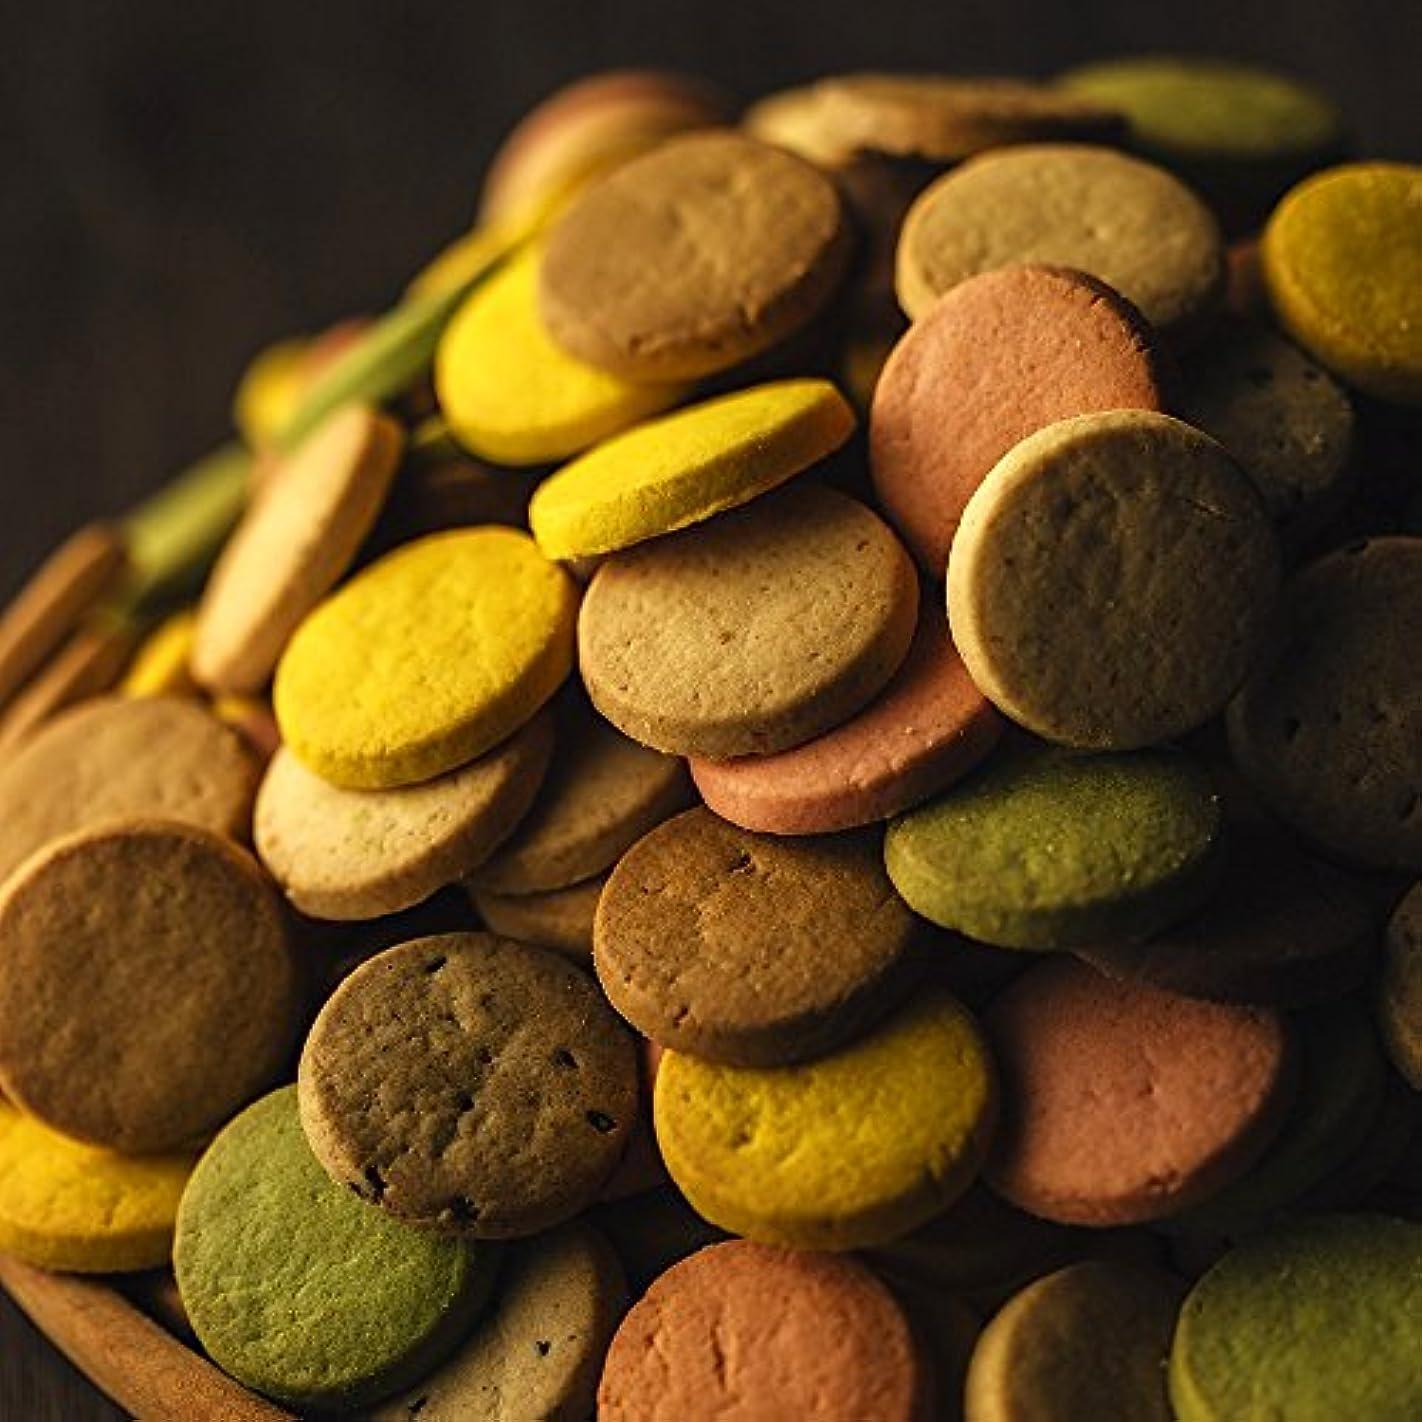 優勢胸相互豆乳おからクッキー蒟蒻マンナン入り 2kg